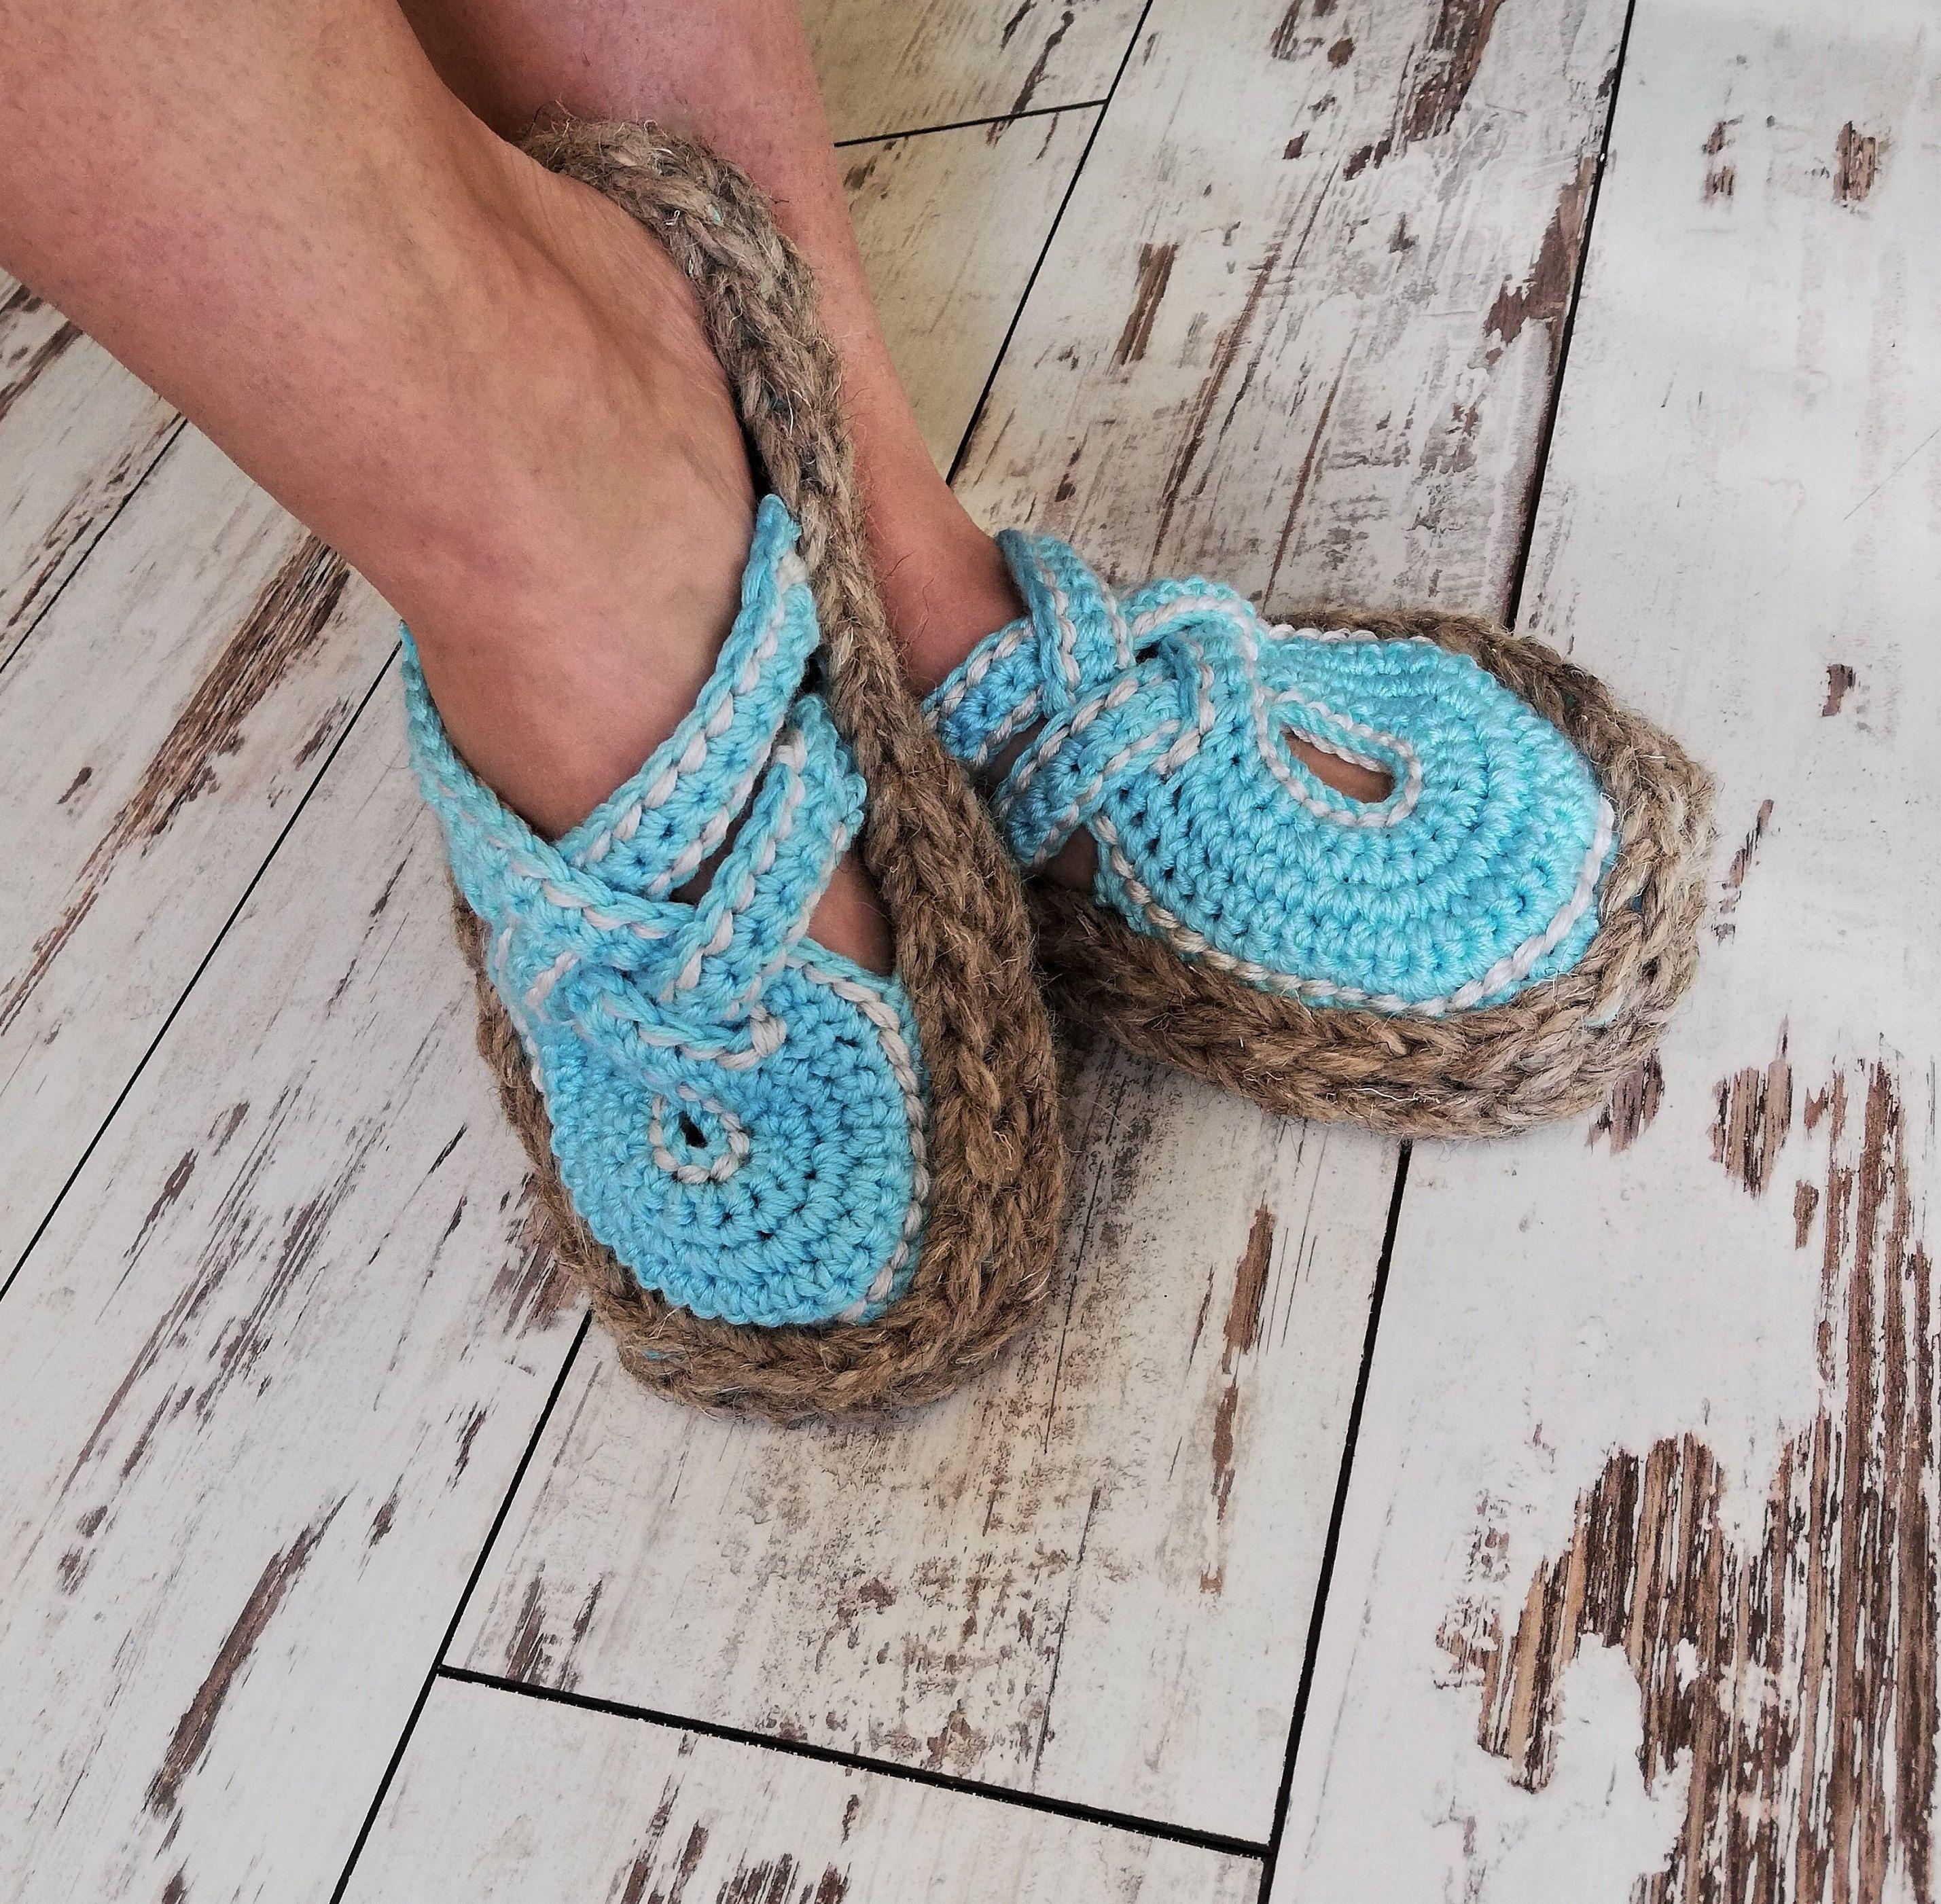 59e35a7874b4a Crochet summer outdoor flip flops with rubber soles /Summer house ...